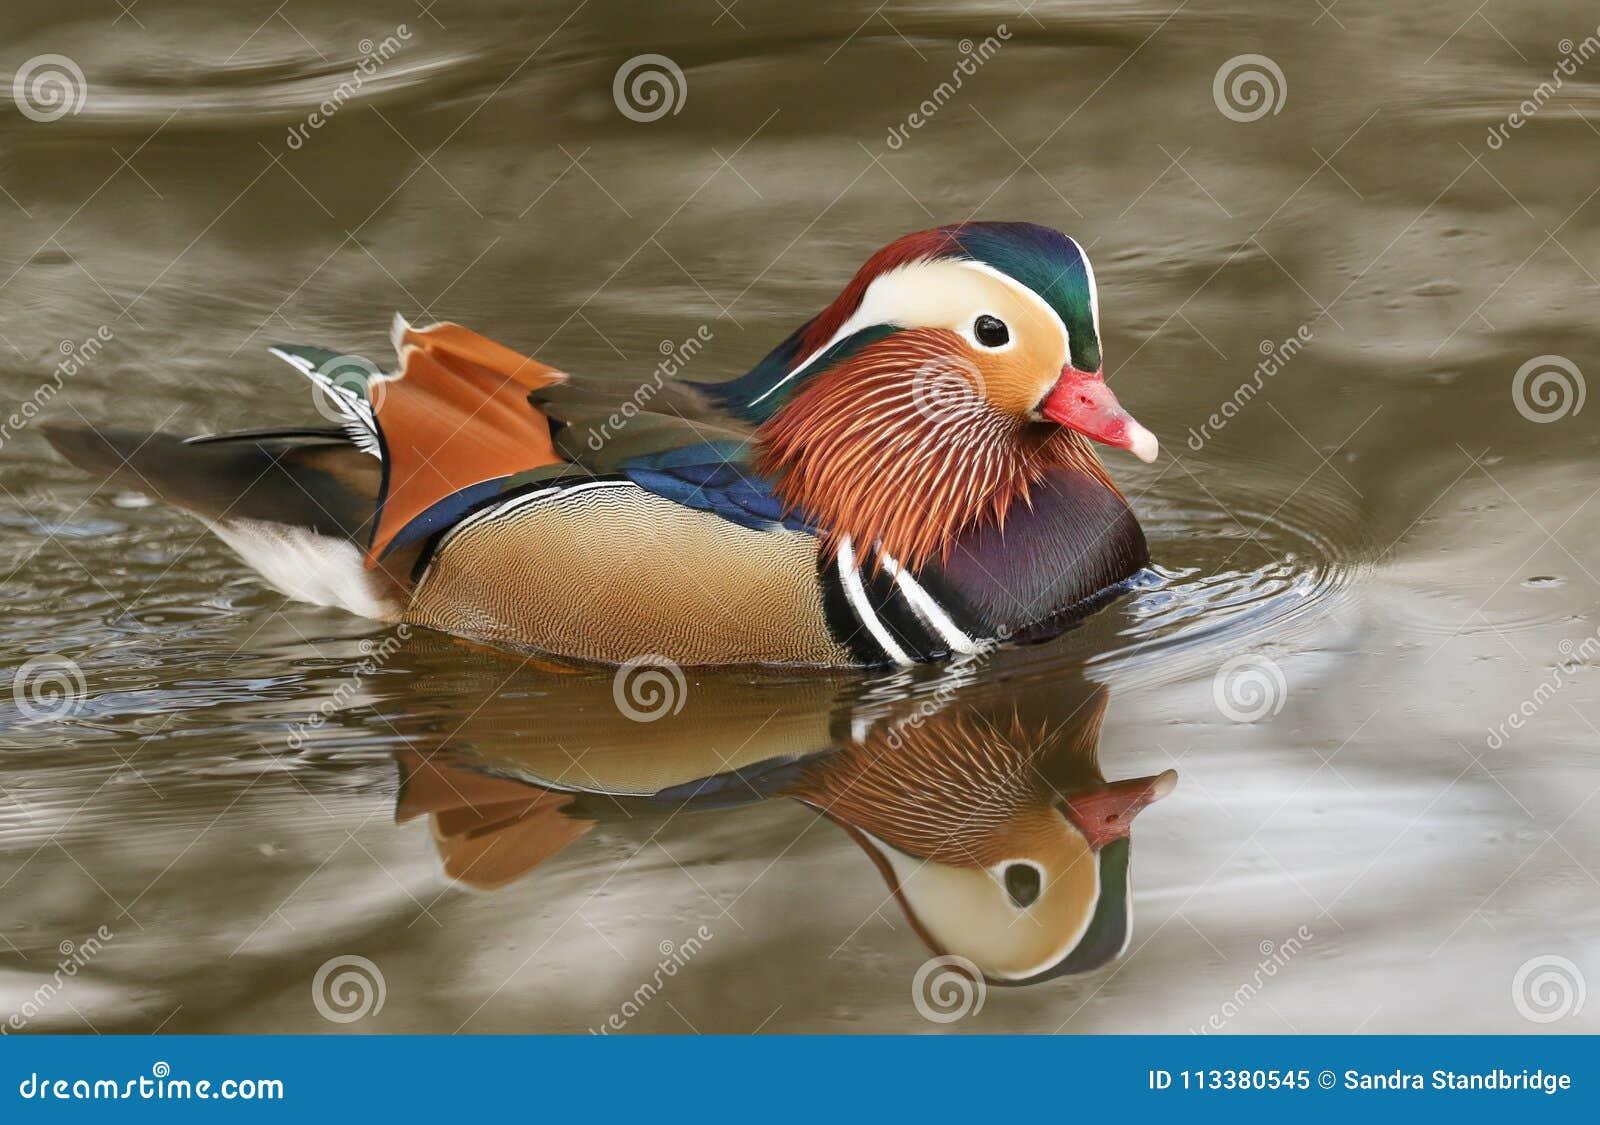 Eine erstaunliche männliche Mandarinenente AIX galericulata Schwimmen in einem See